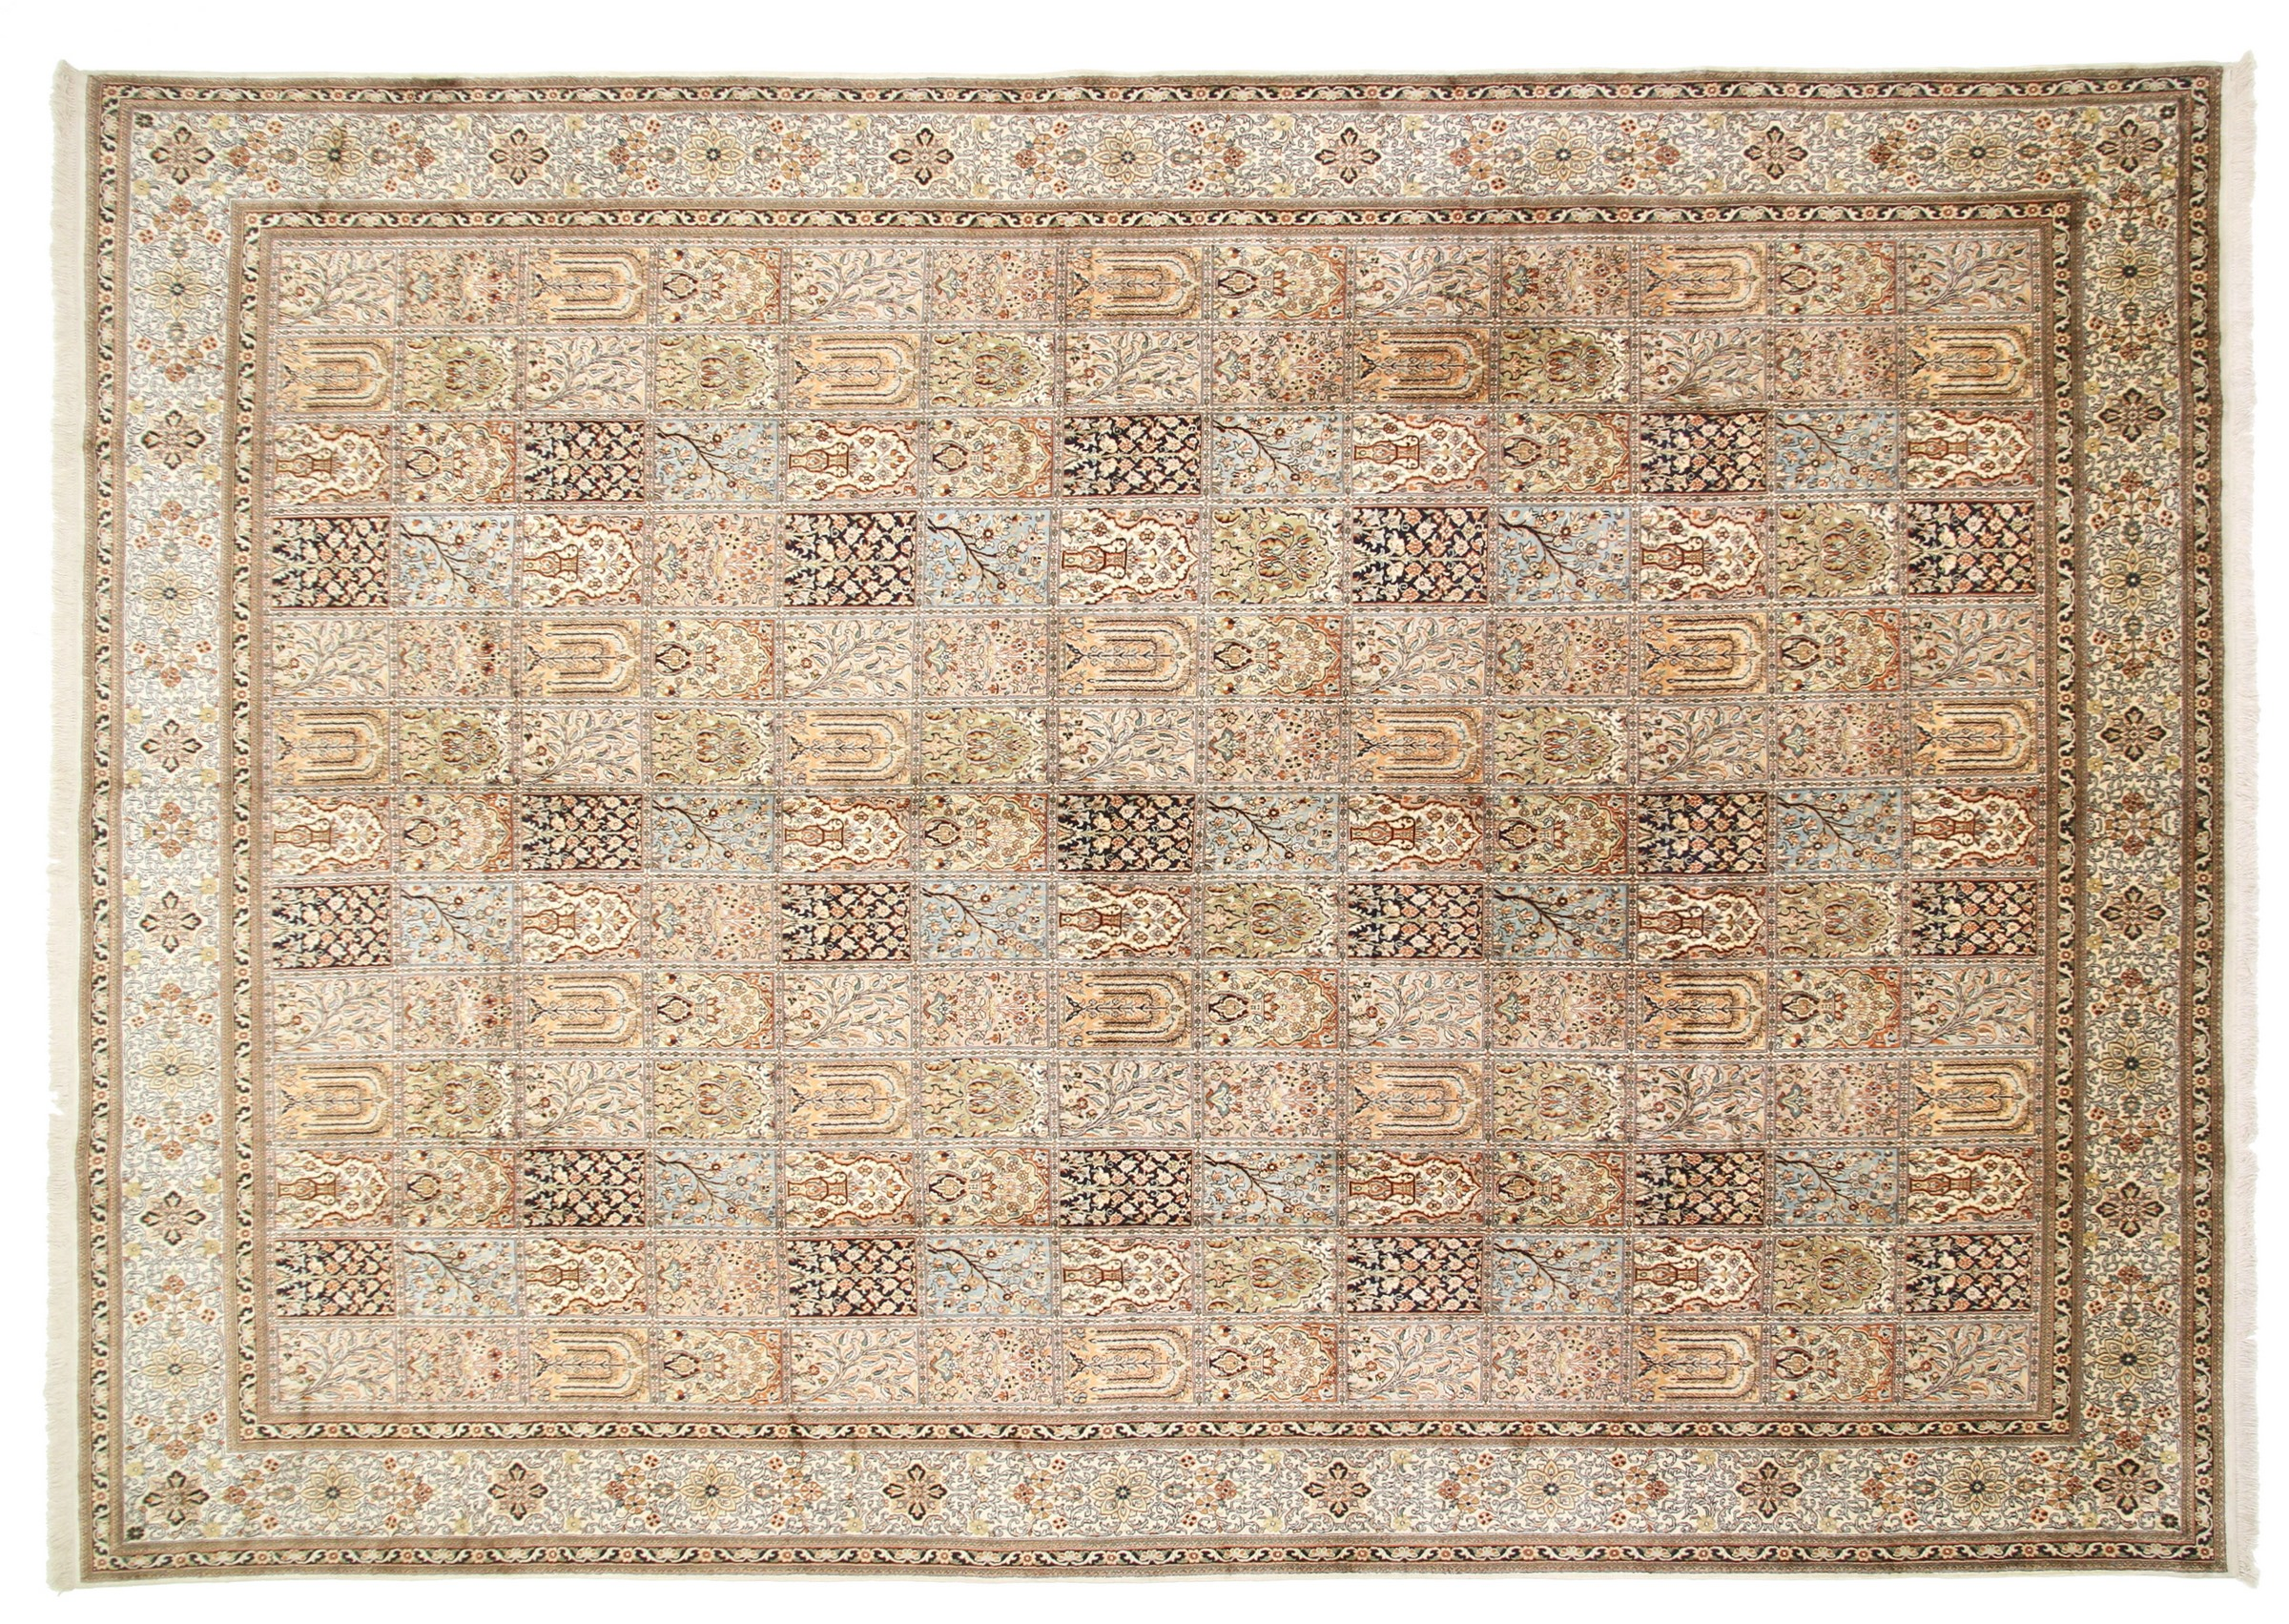 kaschmir reine seide indischer teppich 420x300 id20109. Black Bedroom Furniture Sets. Home Design Ideas